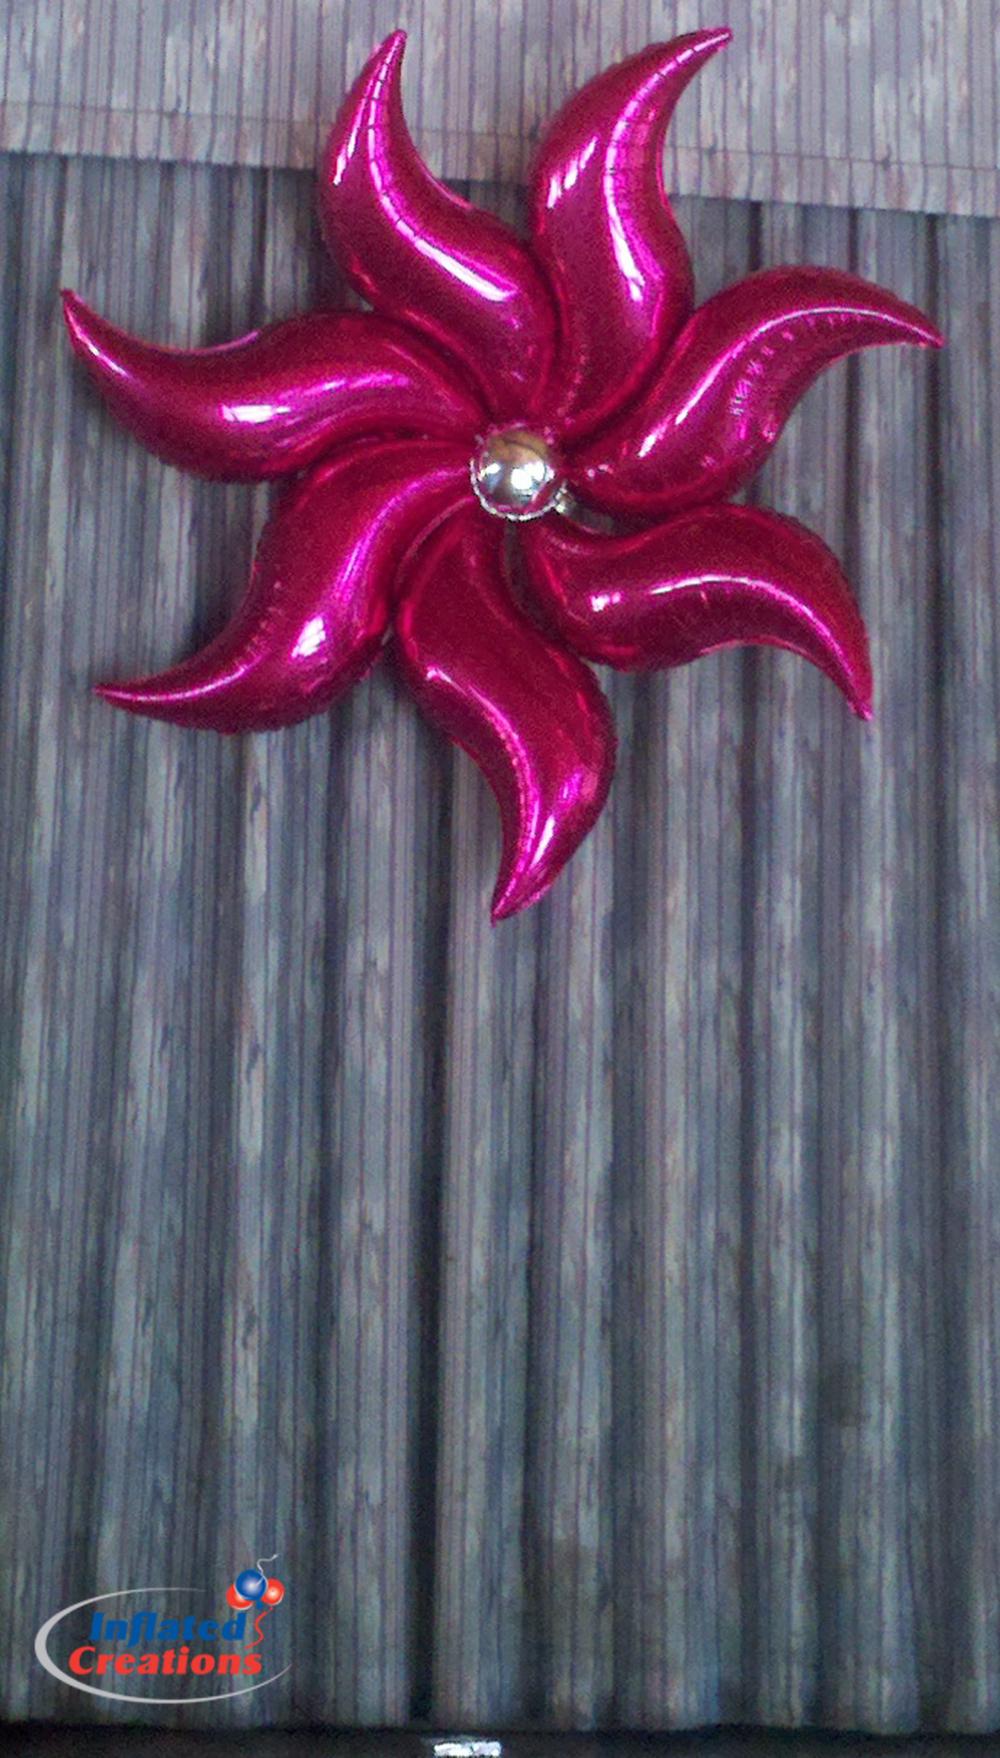 Pinwheel - Pink